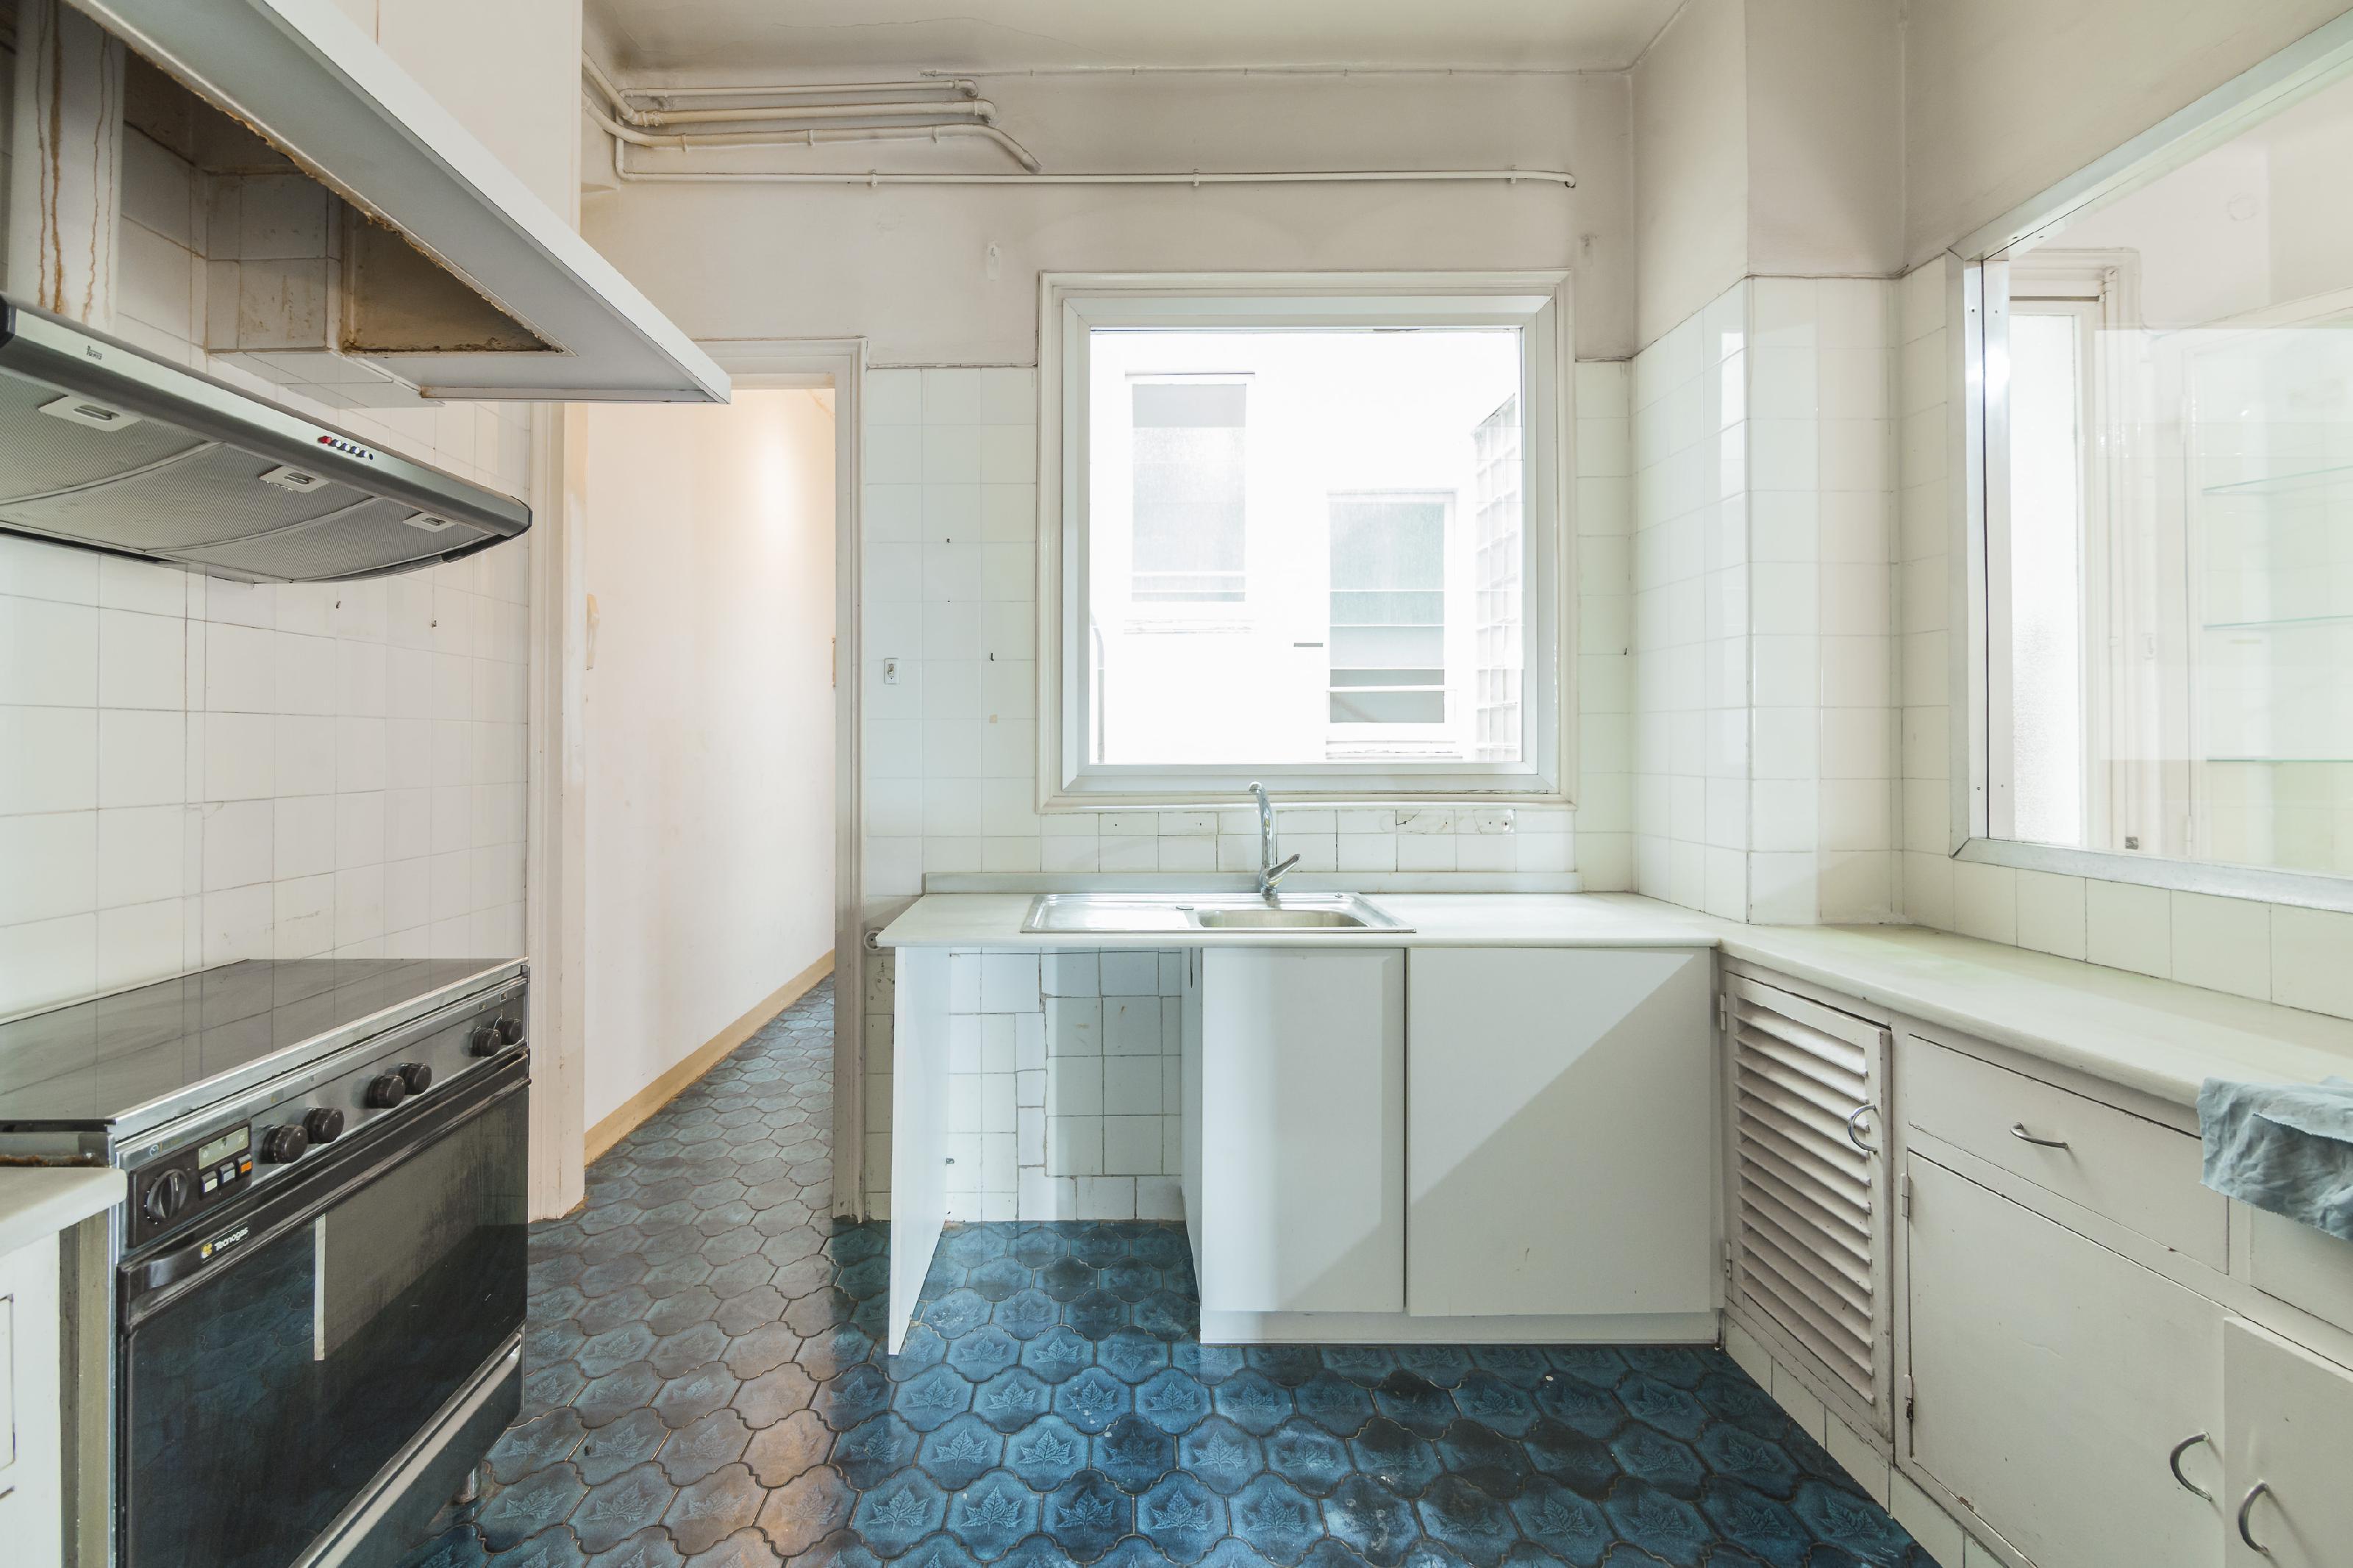 246643 Penthouse for sale in Sarrià-Sant Gervasi, St. Gervasi-Bonanova 20